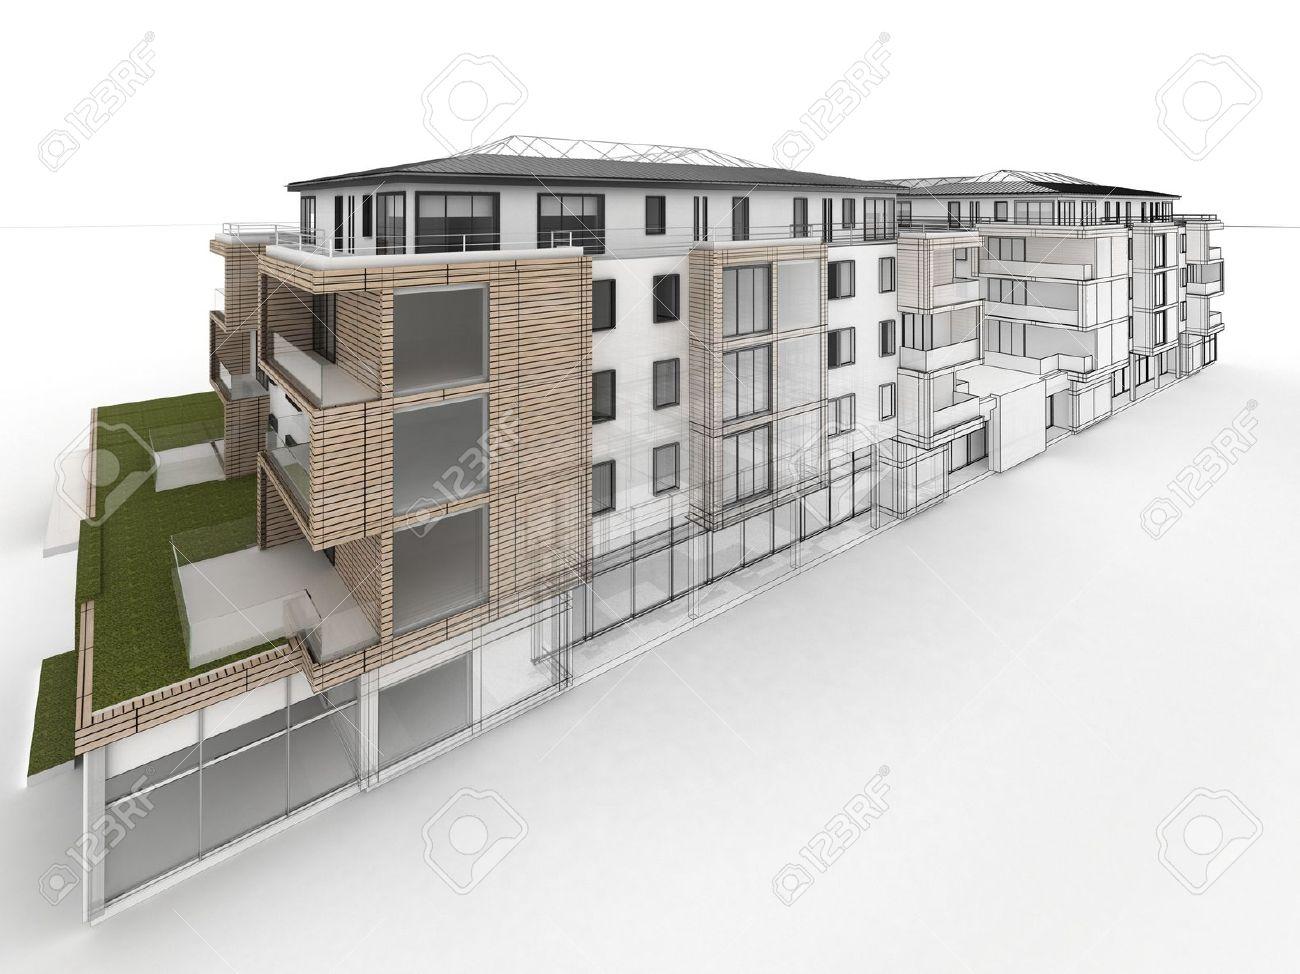 Progrès Conception Immeuble Dappartements De Visualisation Architecture En Dessin Et Photo Style Réaliste